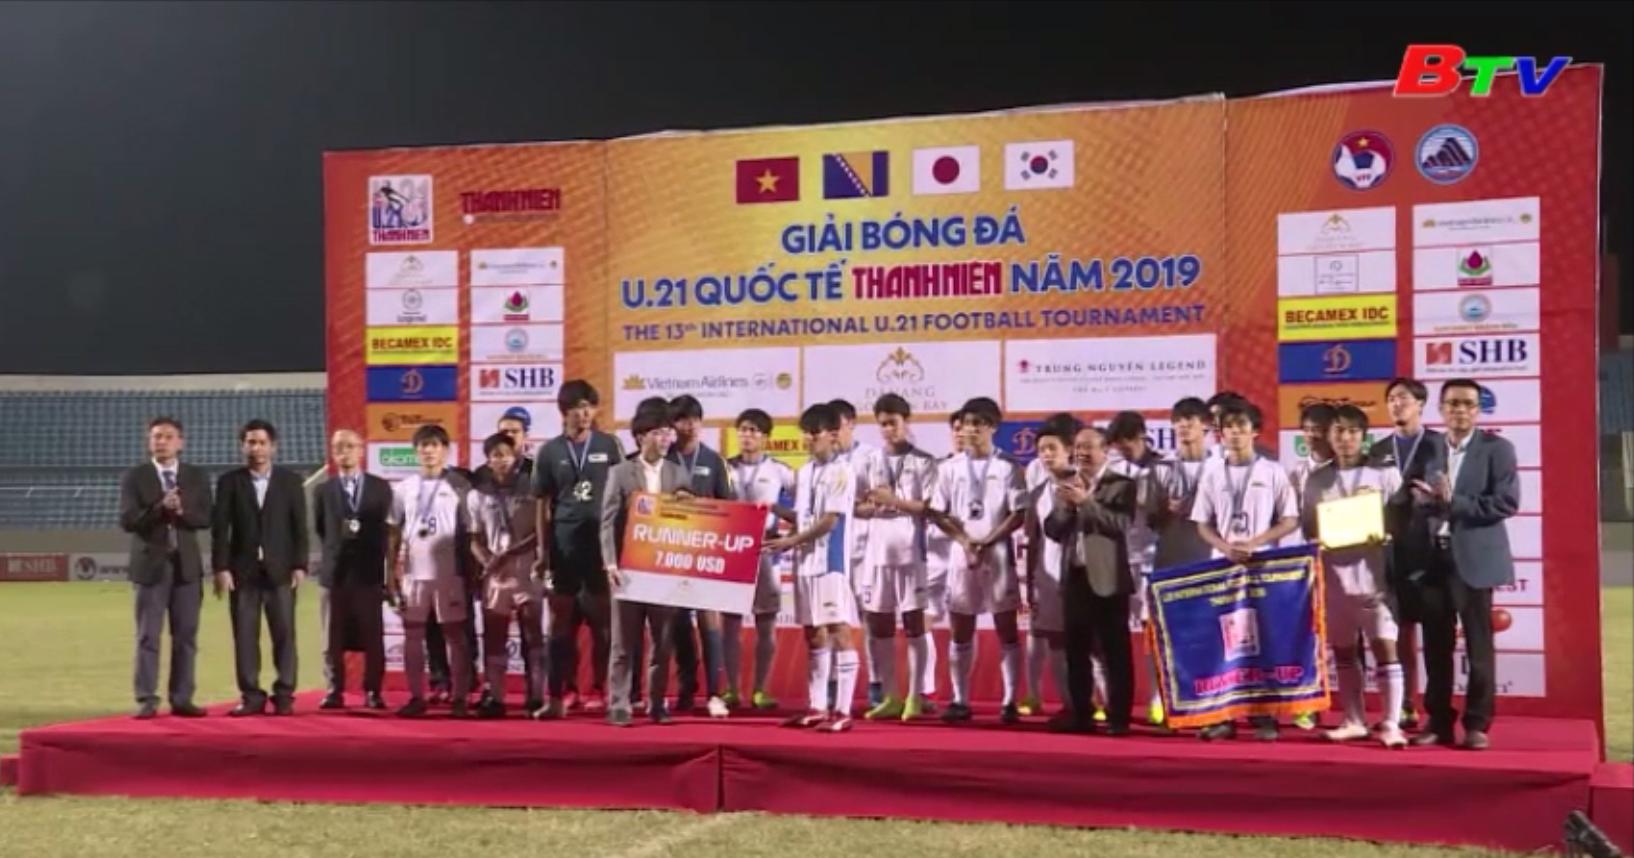 U21 tuyển chọn VN vô địch Giải bóng đá U21 quốc tế Thanh Niên 2019